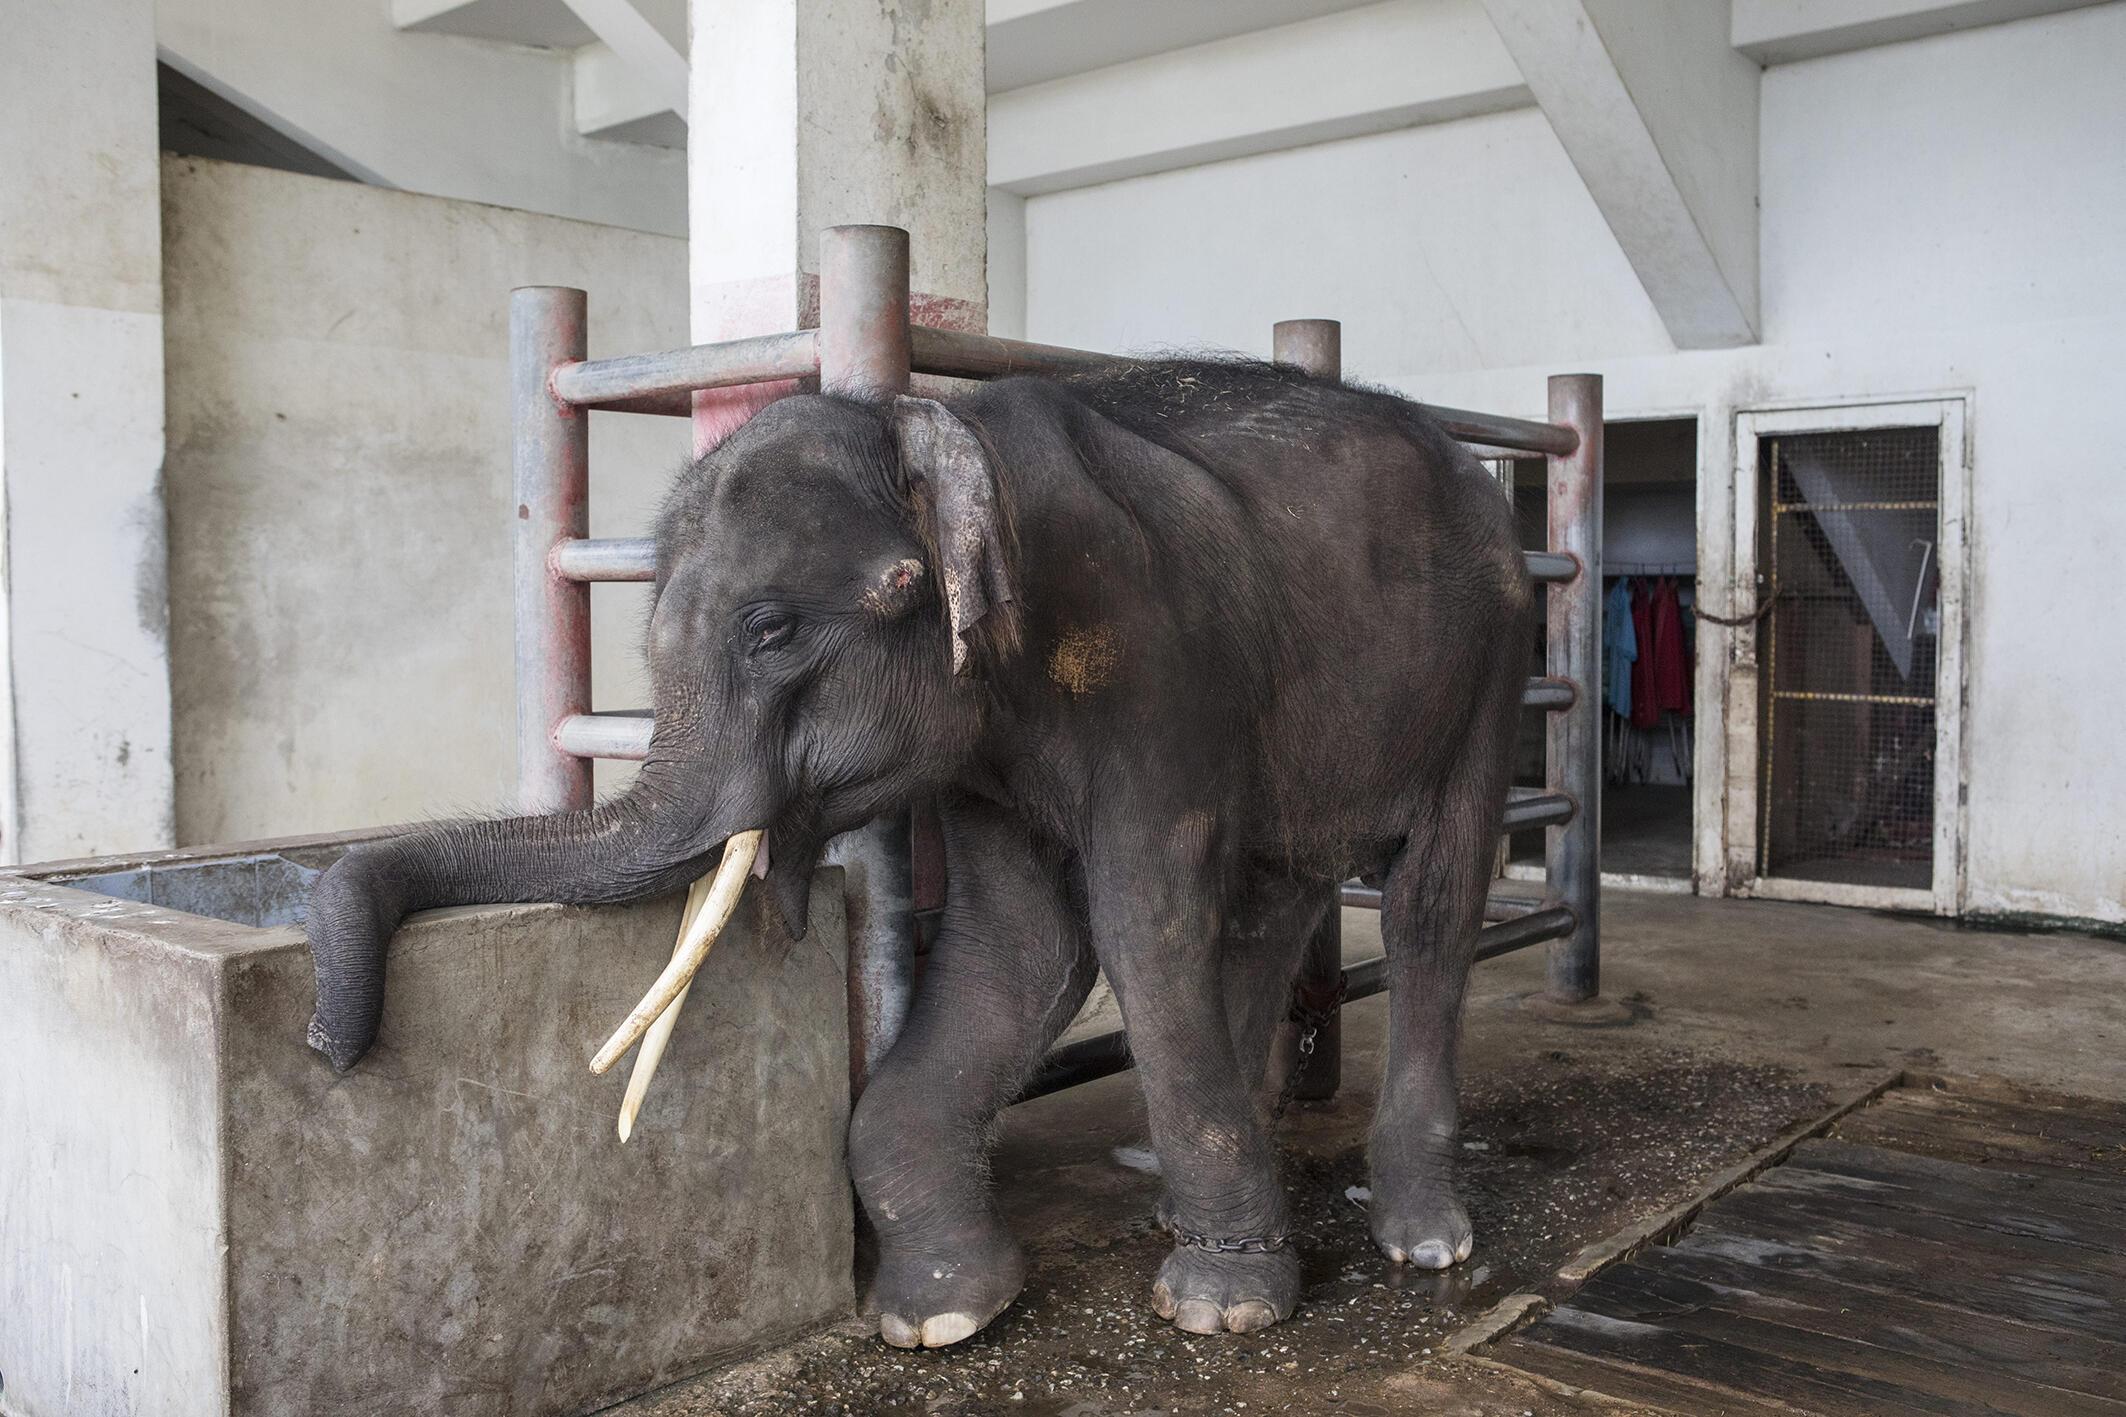 Elefante é mantido em cativeiro e usado em apresentações para os turistas na Tailândia.